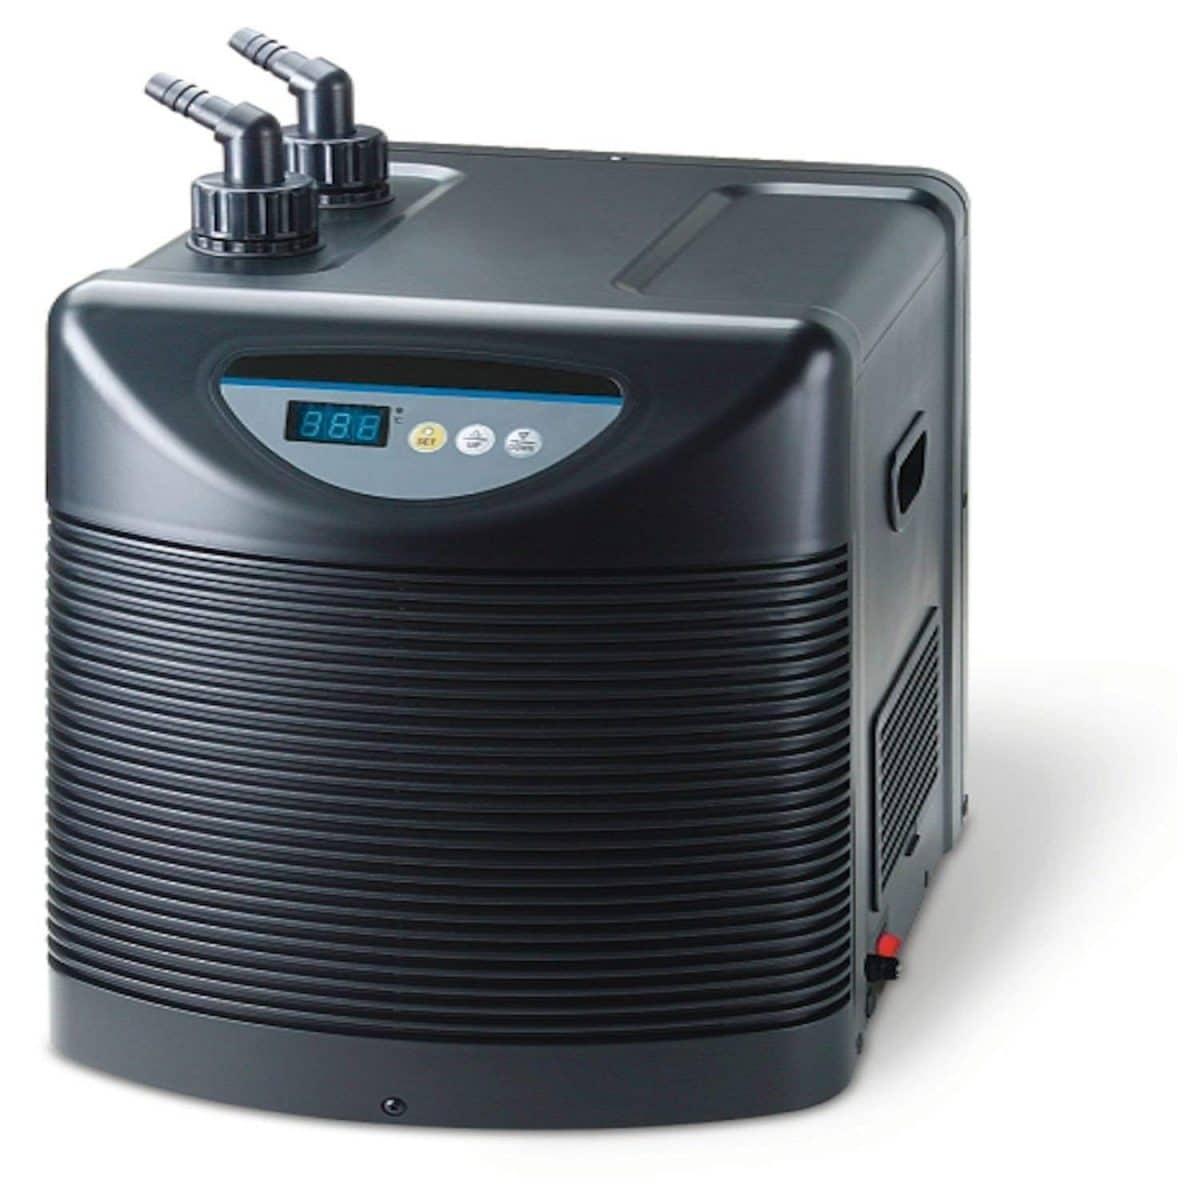 Hamilton Technology Aqua Euro Max-Chill Titanium Aquarium Water Chiller